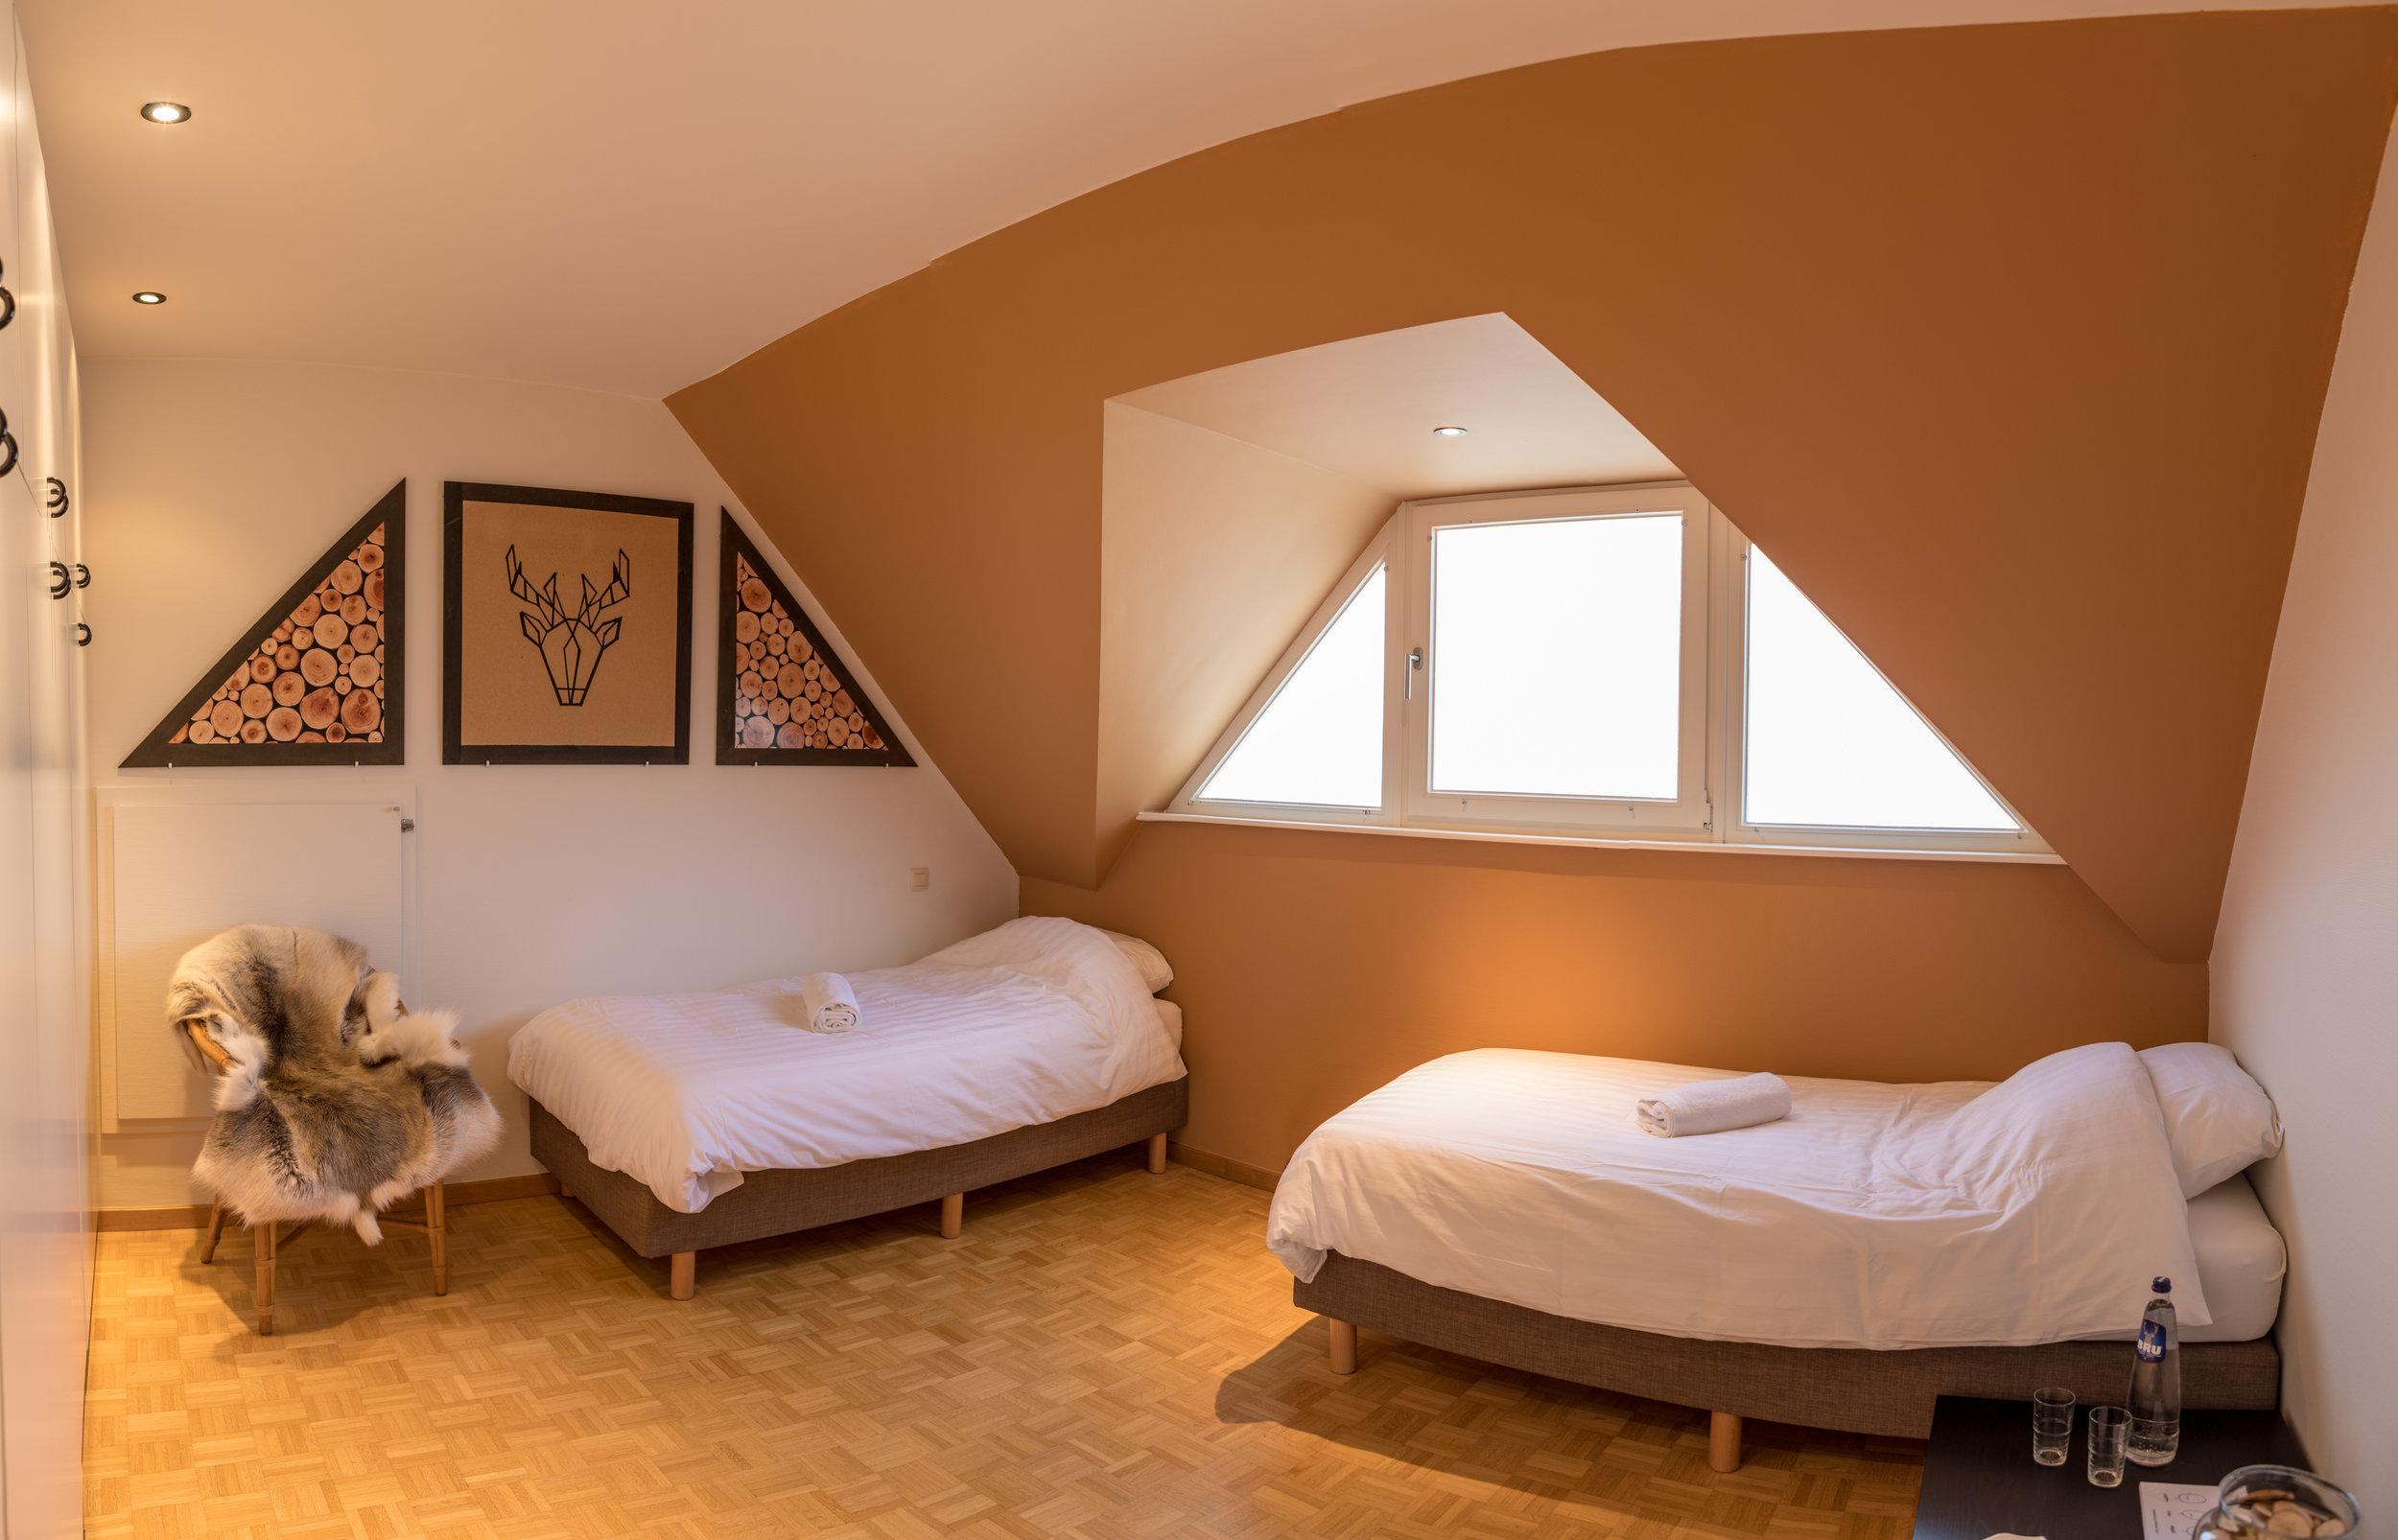 Noorwegen kamer